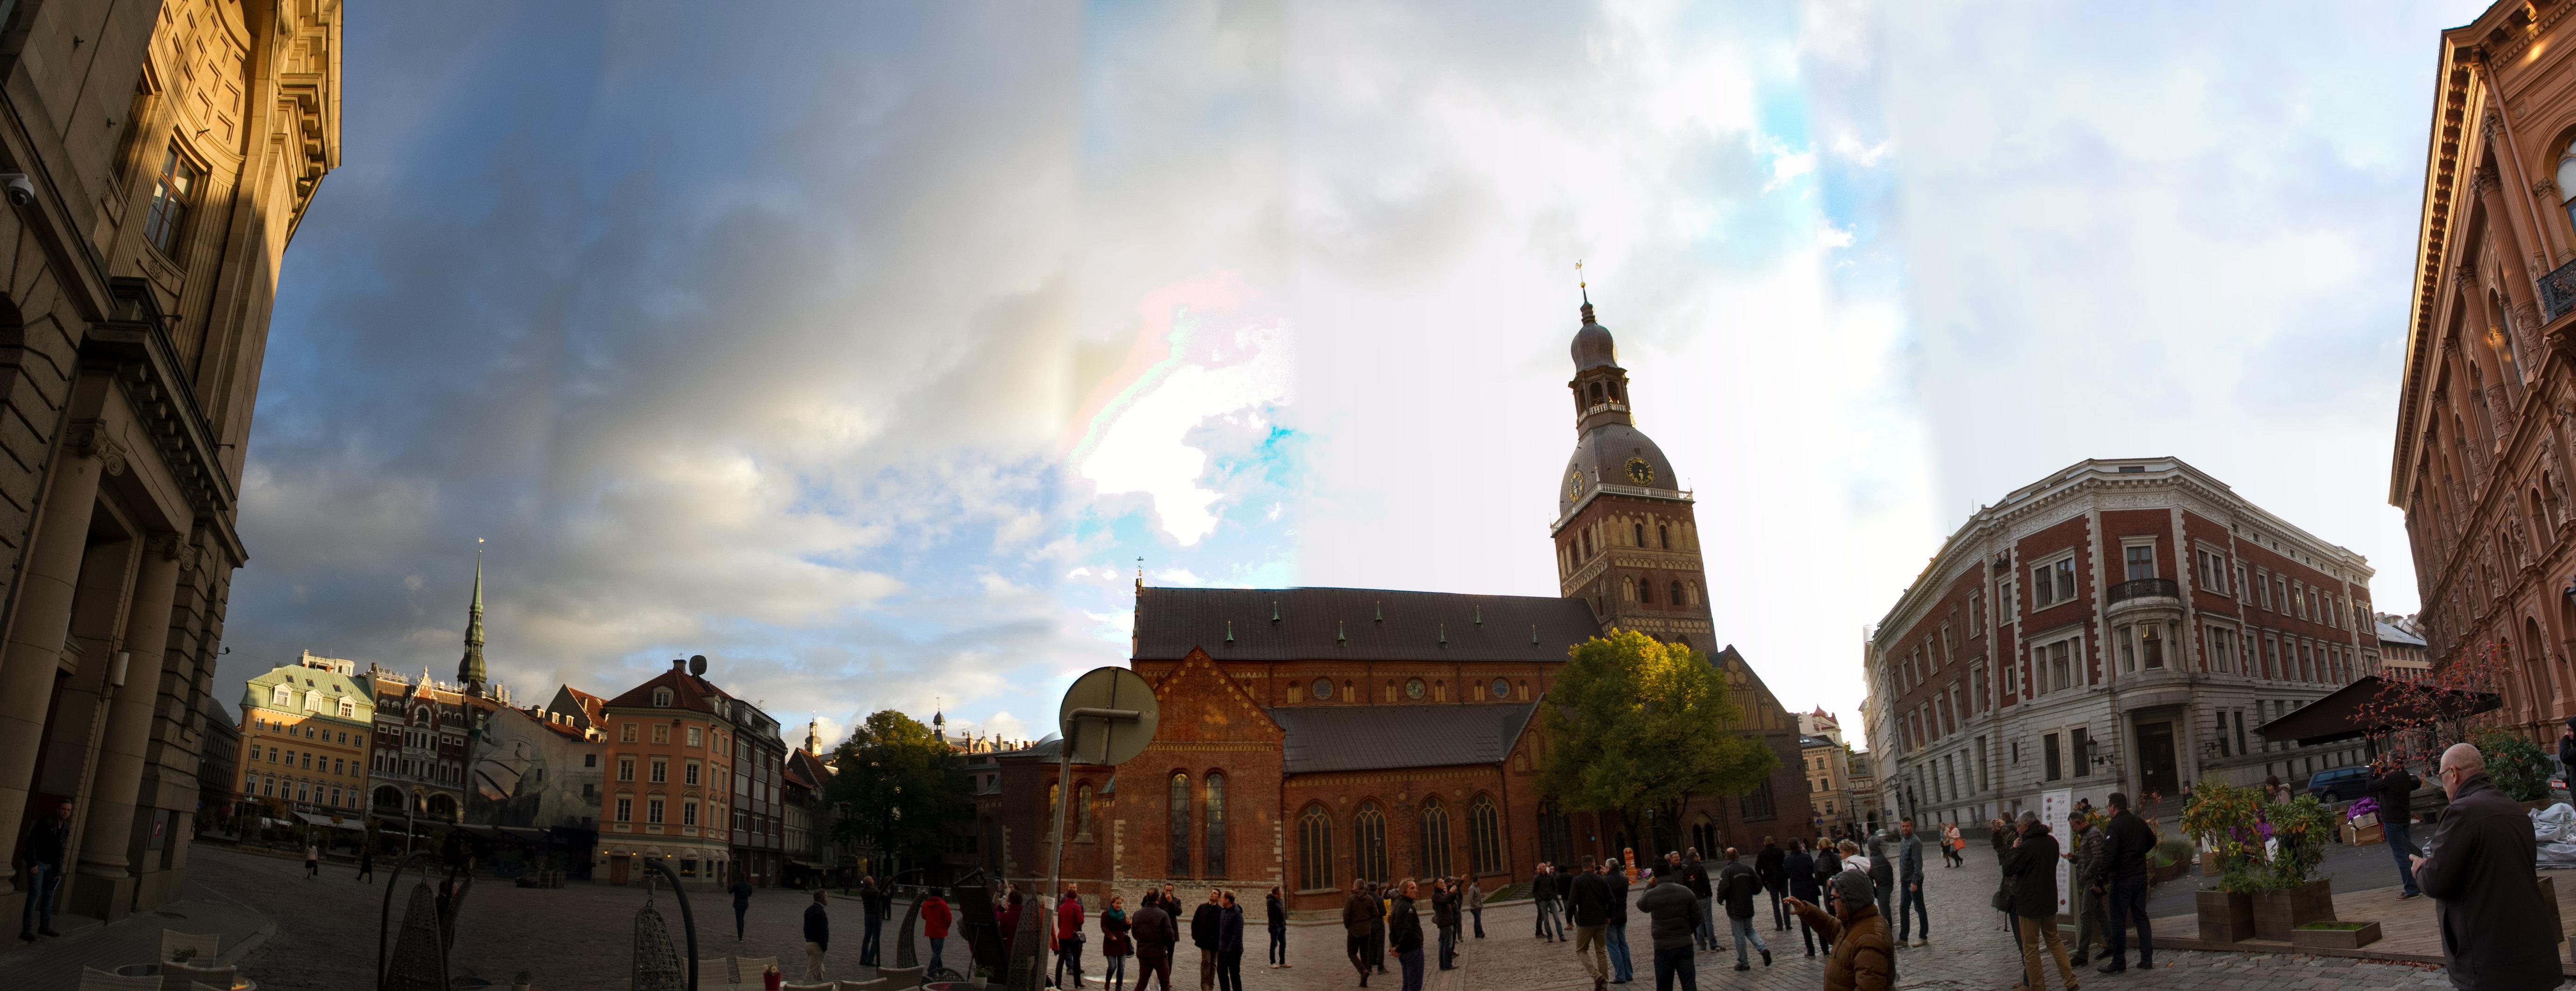 Marktplatz-Riga